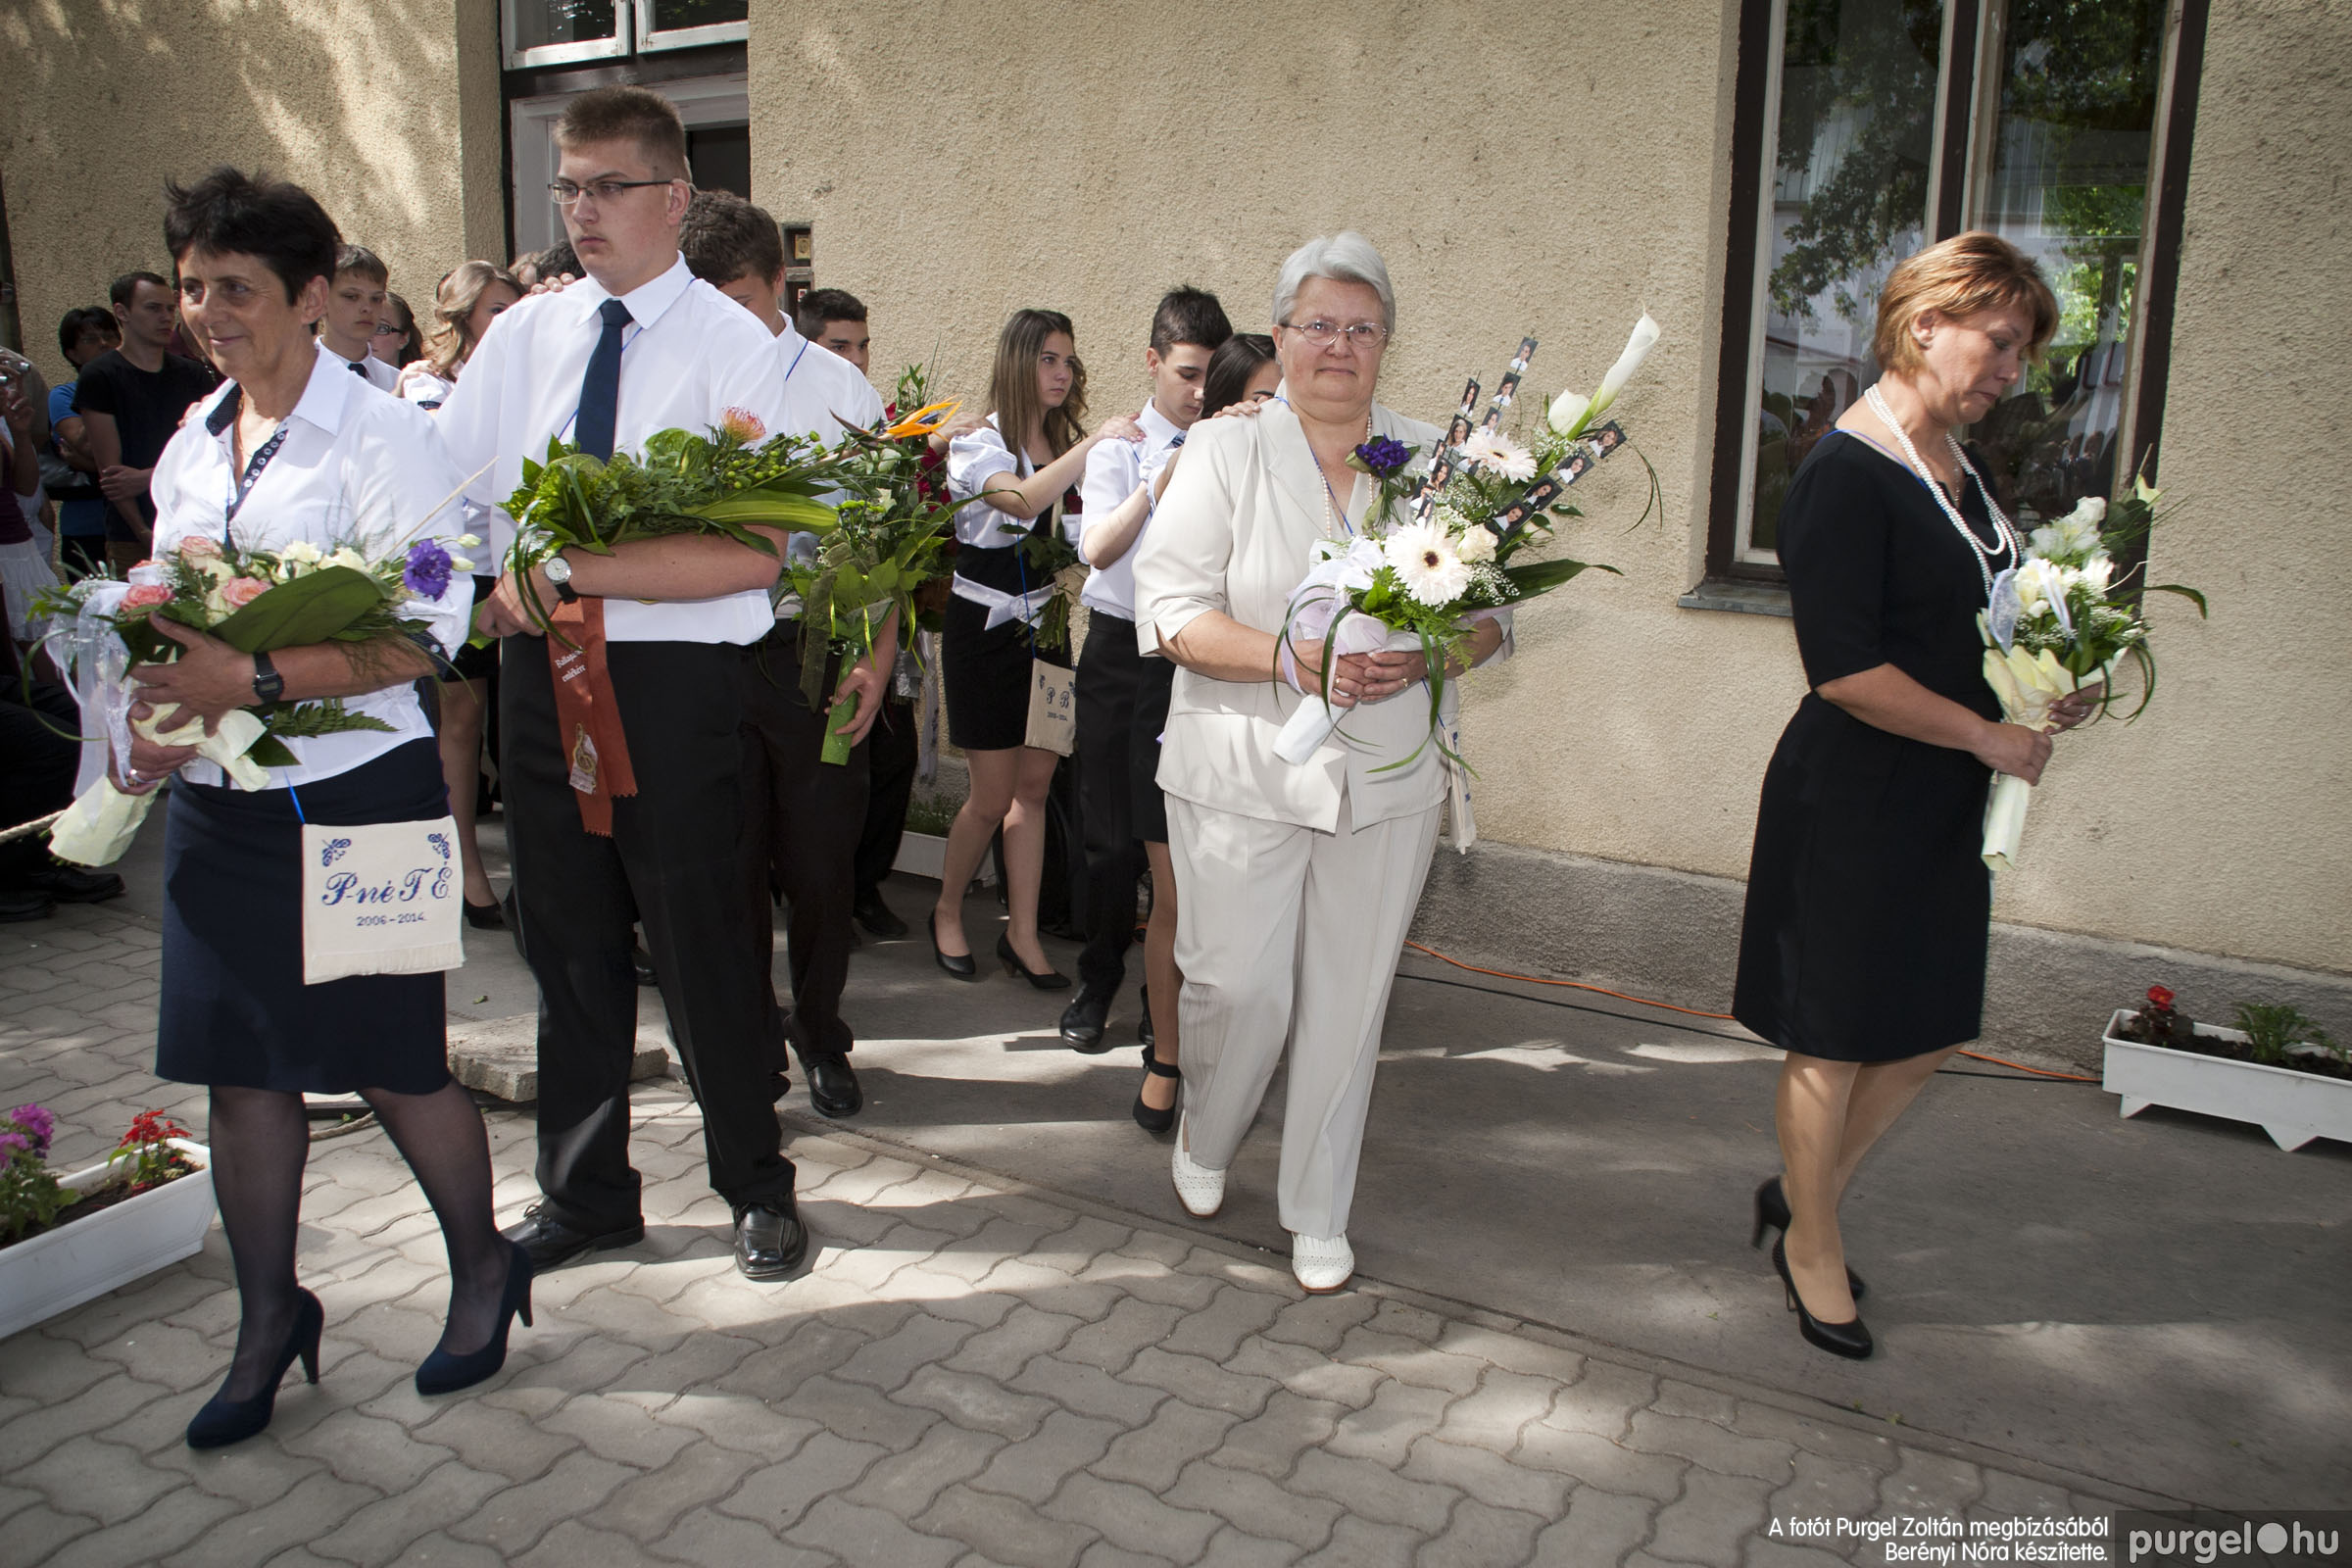 2014.06.14. 137 Forray Máté Általános Iskola ballagás 2014. - Fotó:BERÉNYI NÓRA© _MG_5742.jpg